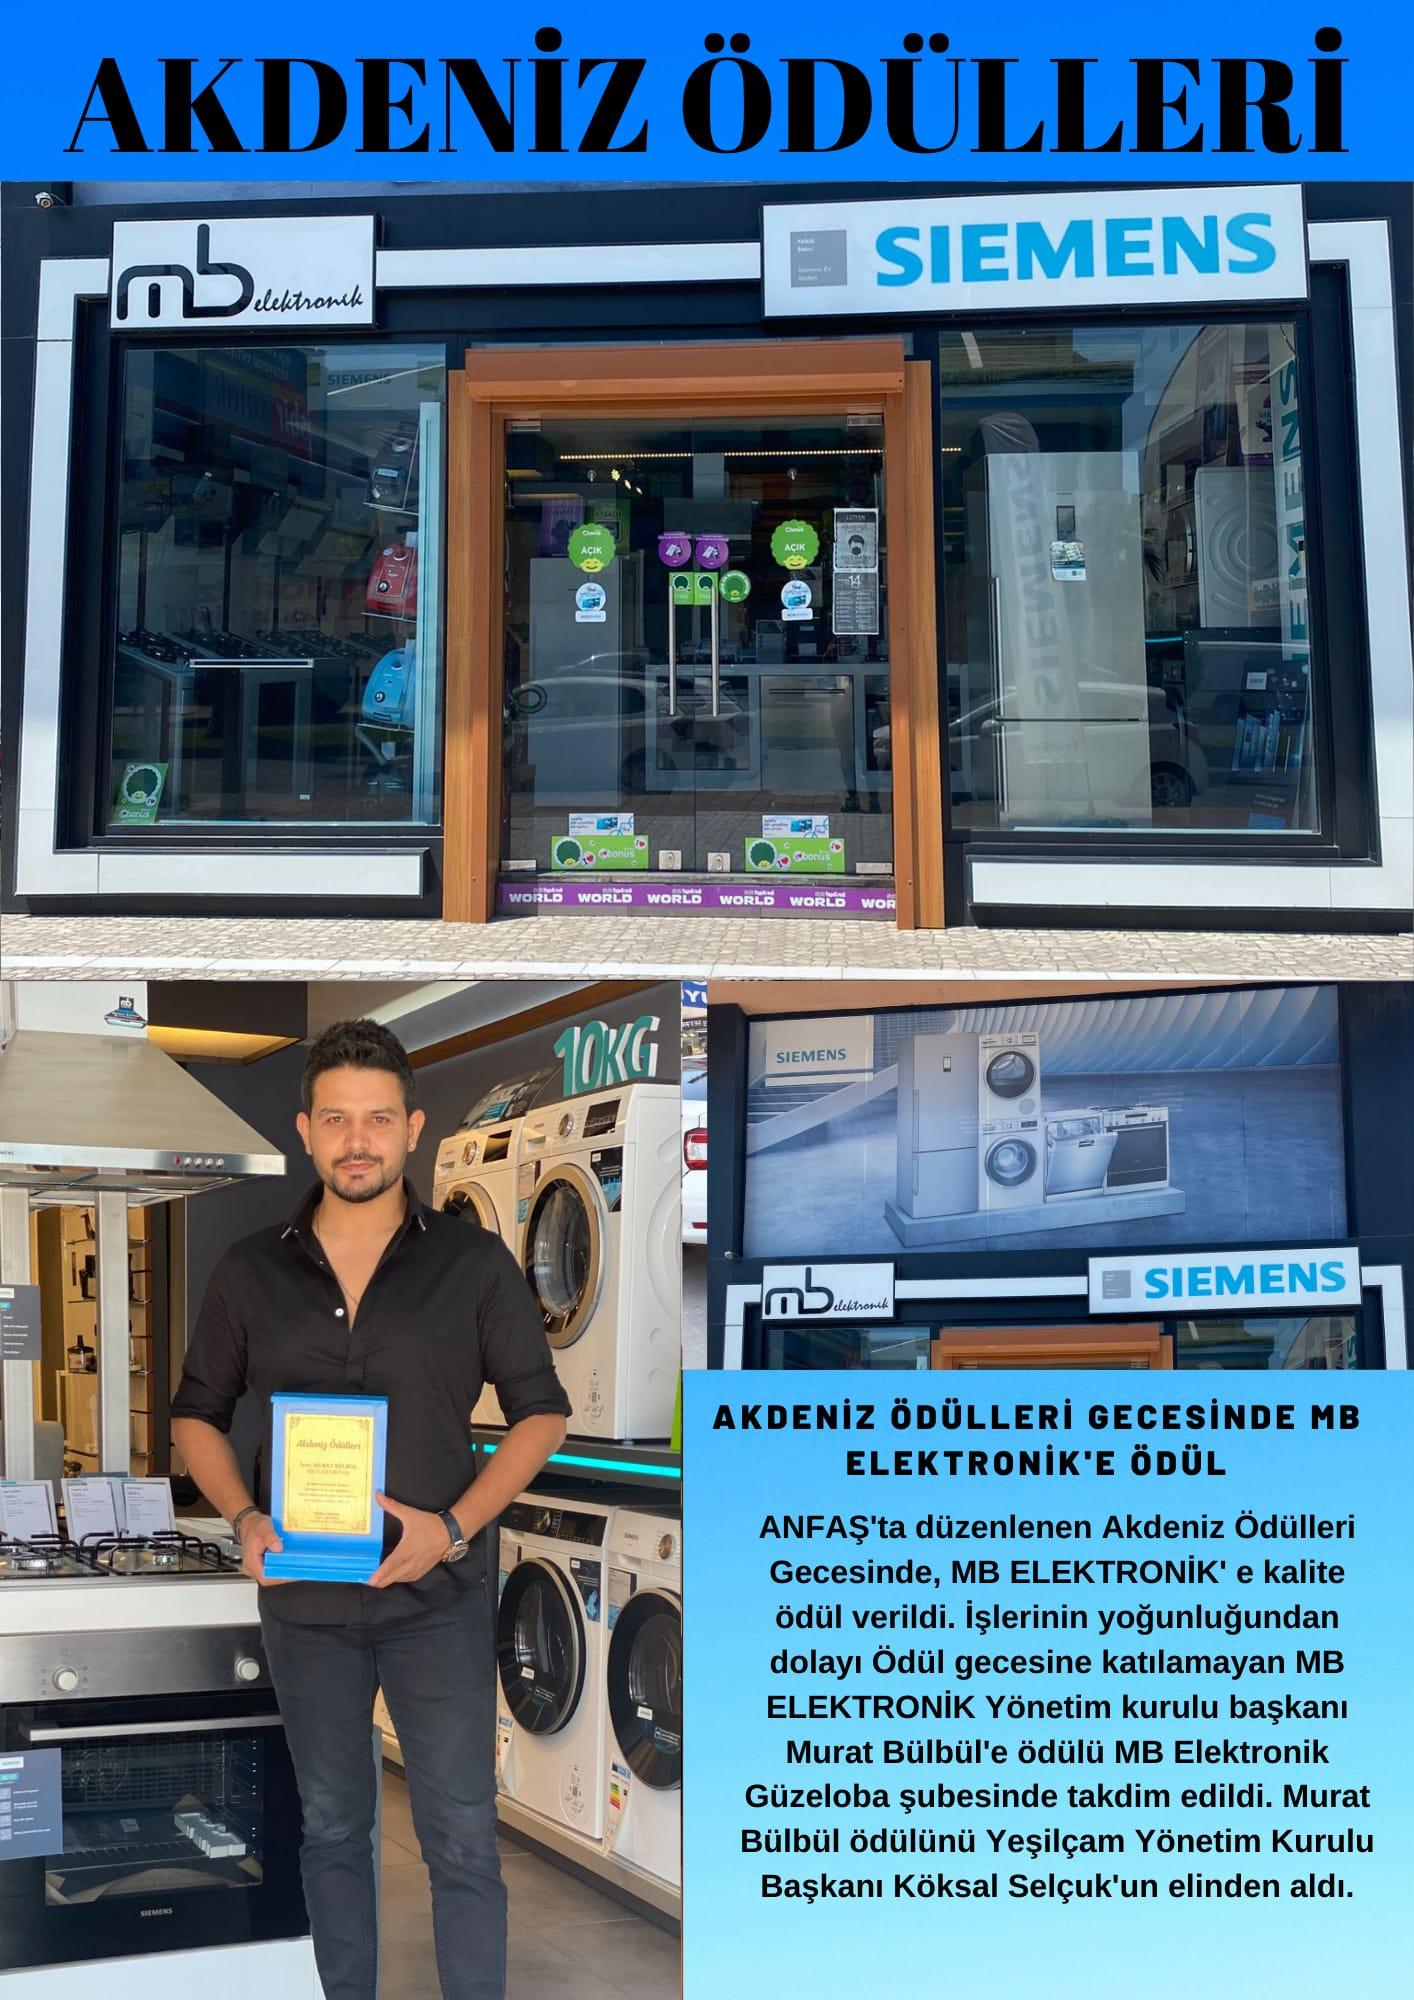 MB Elektronik Murat Bülbül'e Ödül